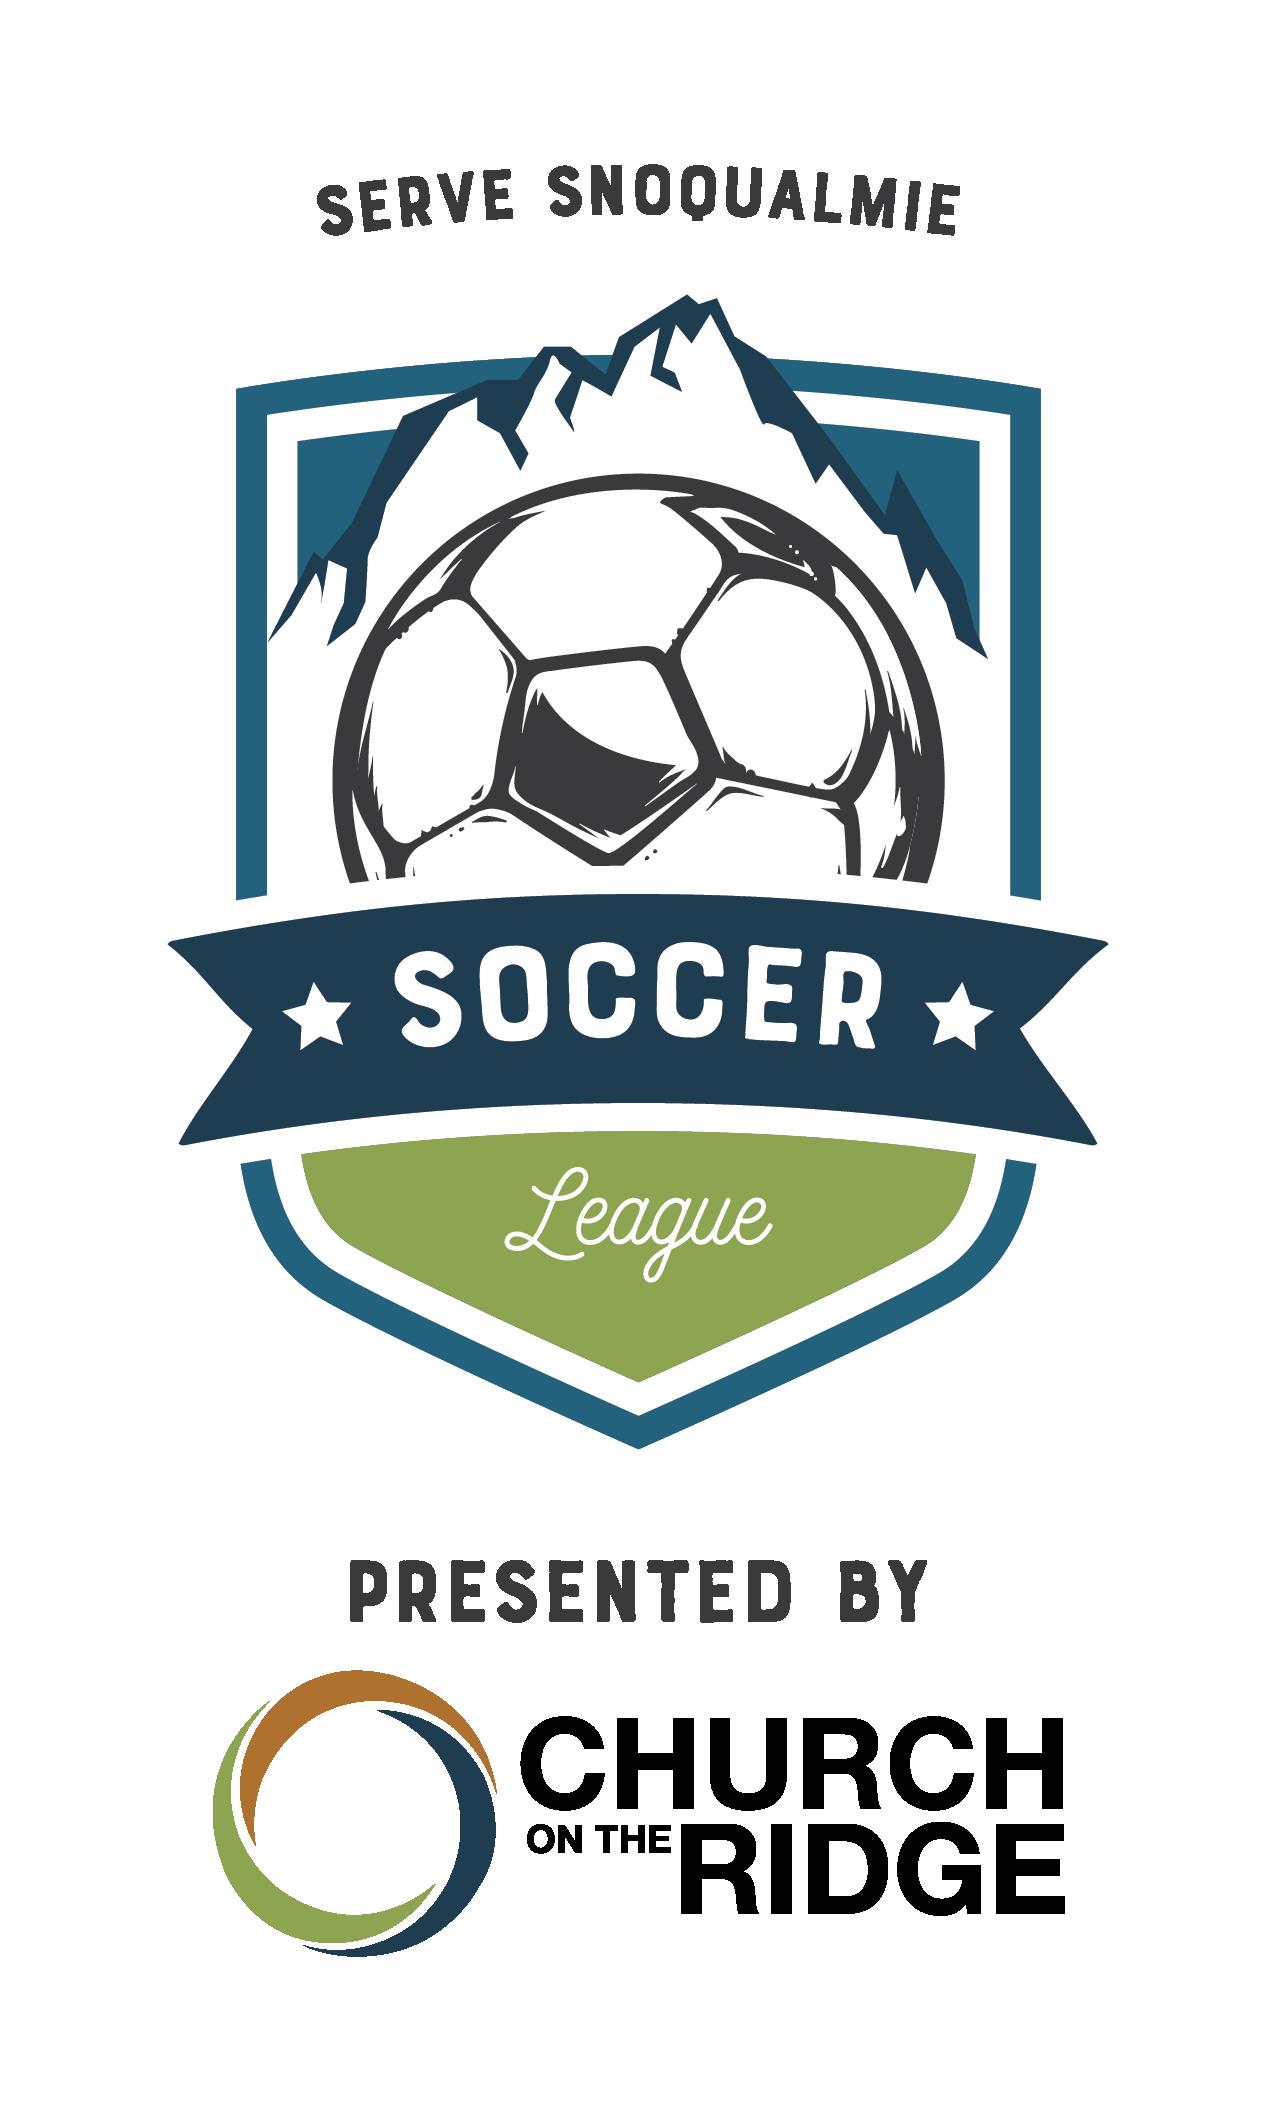 Serve snoqualmie soccer league logo full color 2x